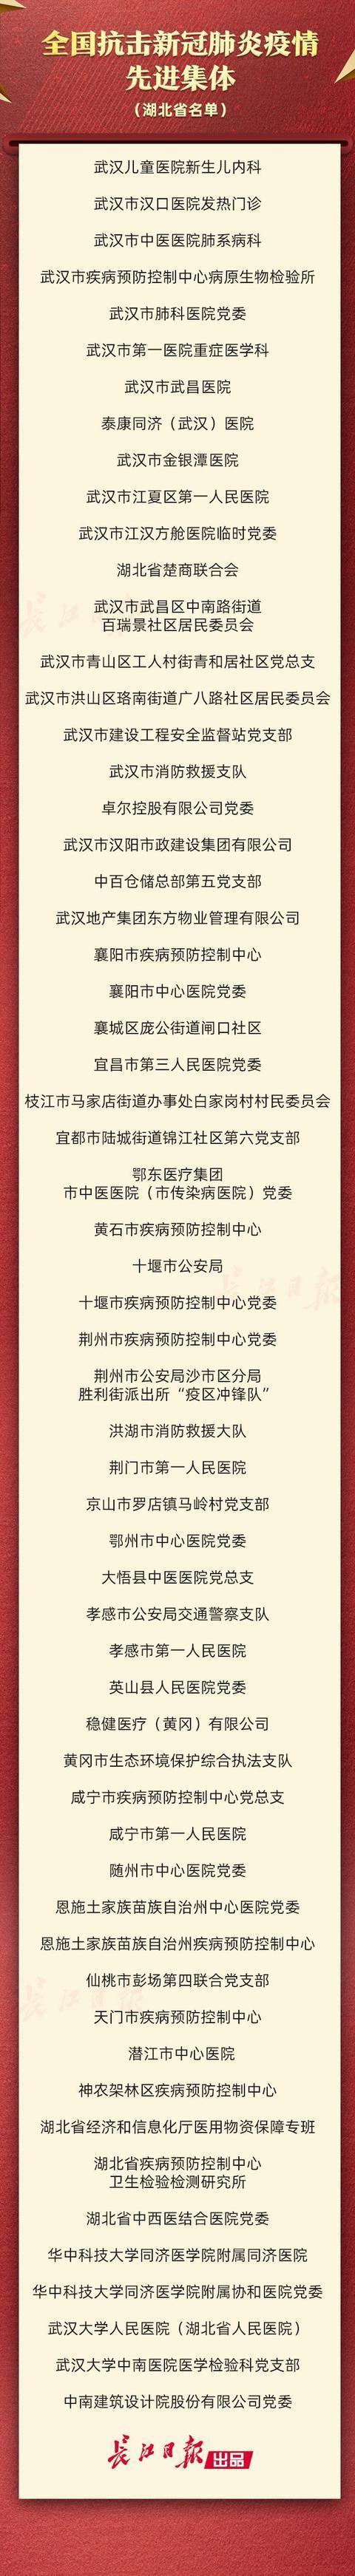 湖北省200名本人60个团体受我国嘉奖 第1张